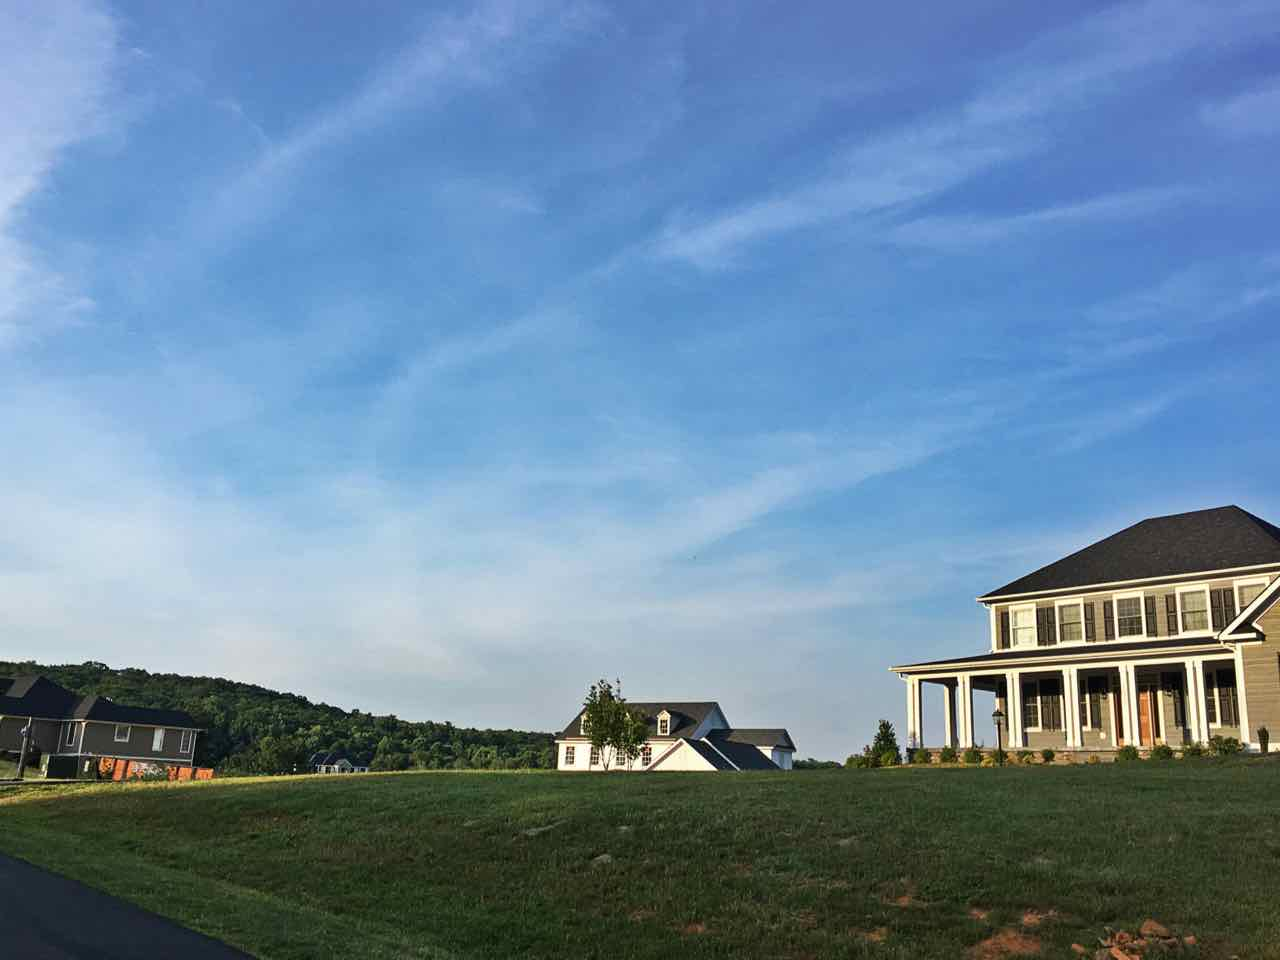 Luxury Extate overlooking mountain view in Charlottesville VA